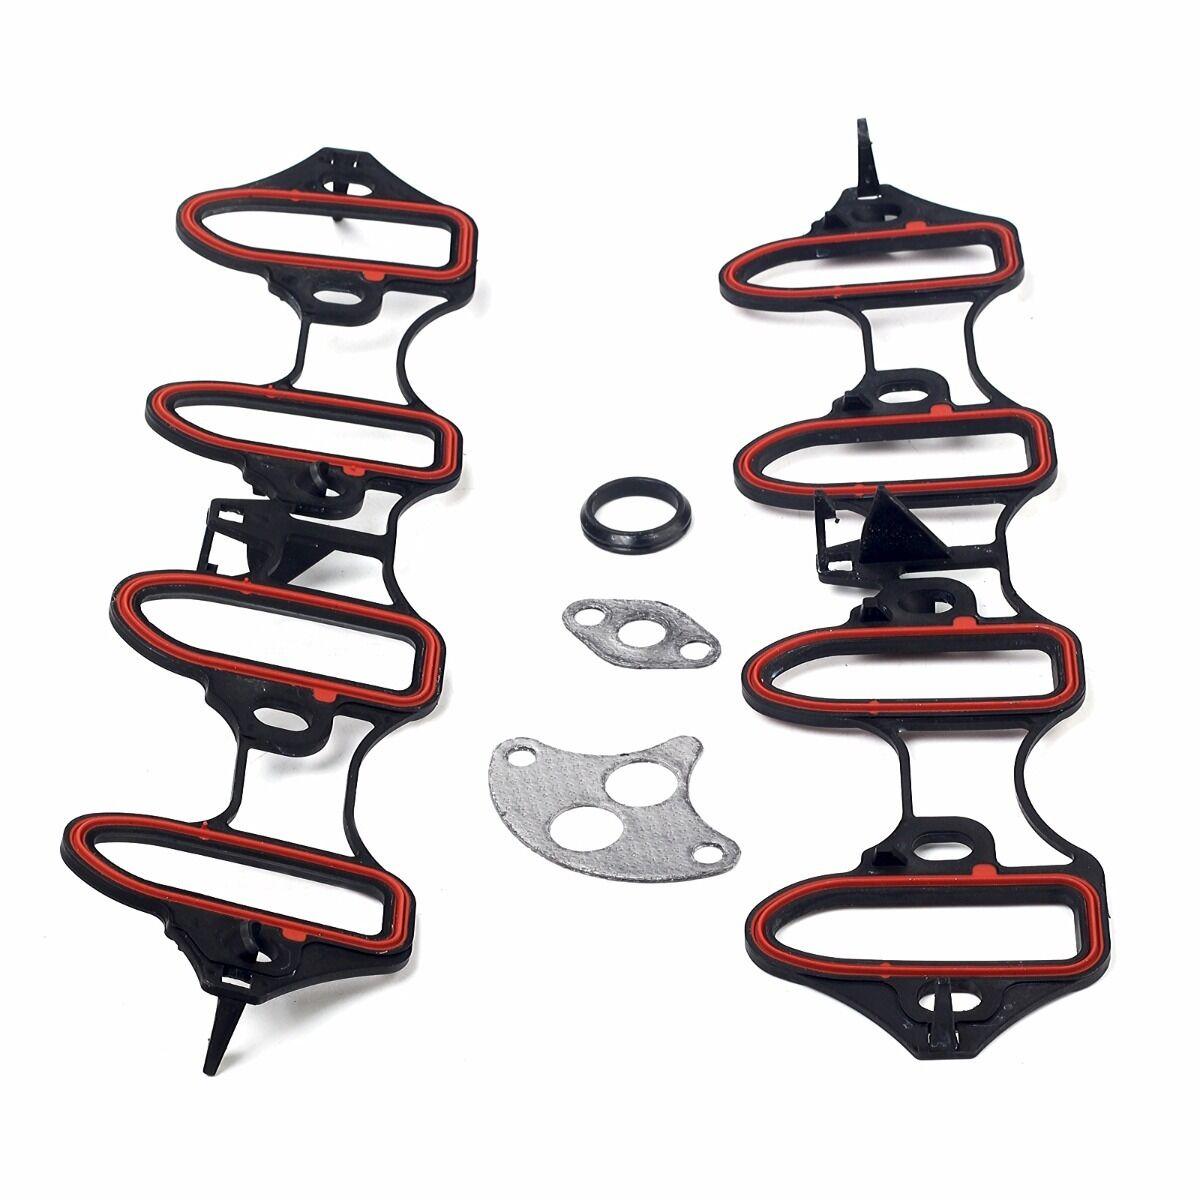 Intake Gasket Set Kit For 99-03 GMC Sierra 4.8L 5.3L 6.0L ...